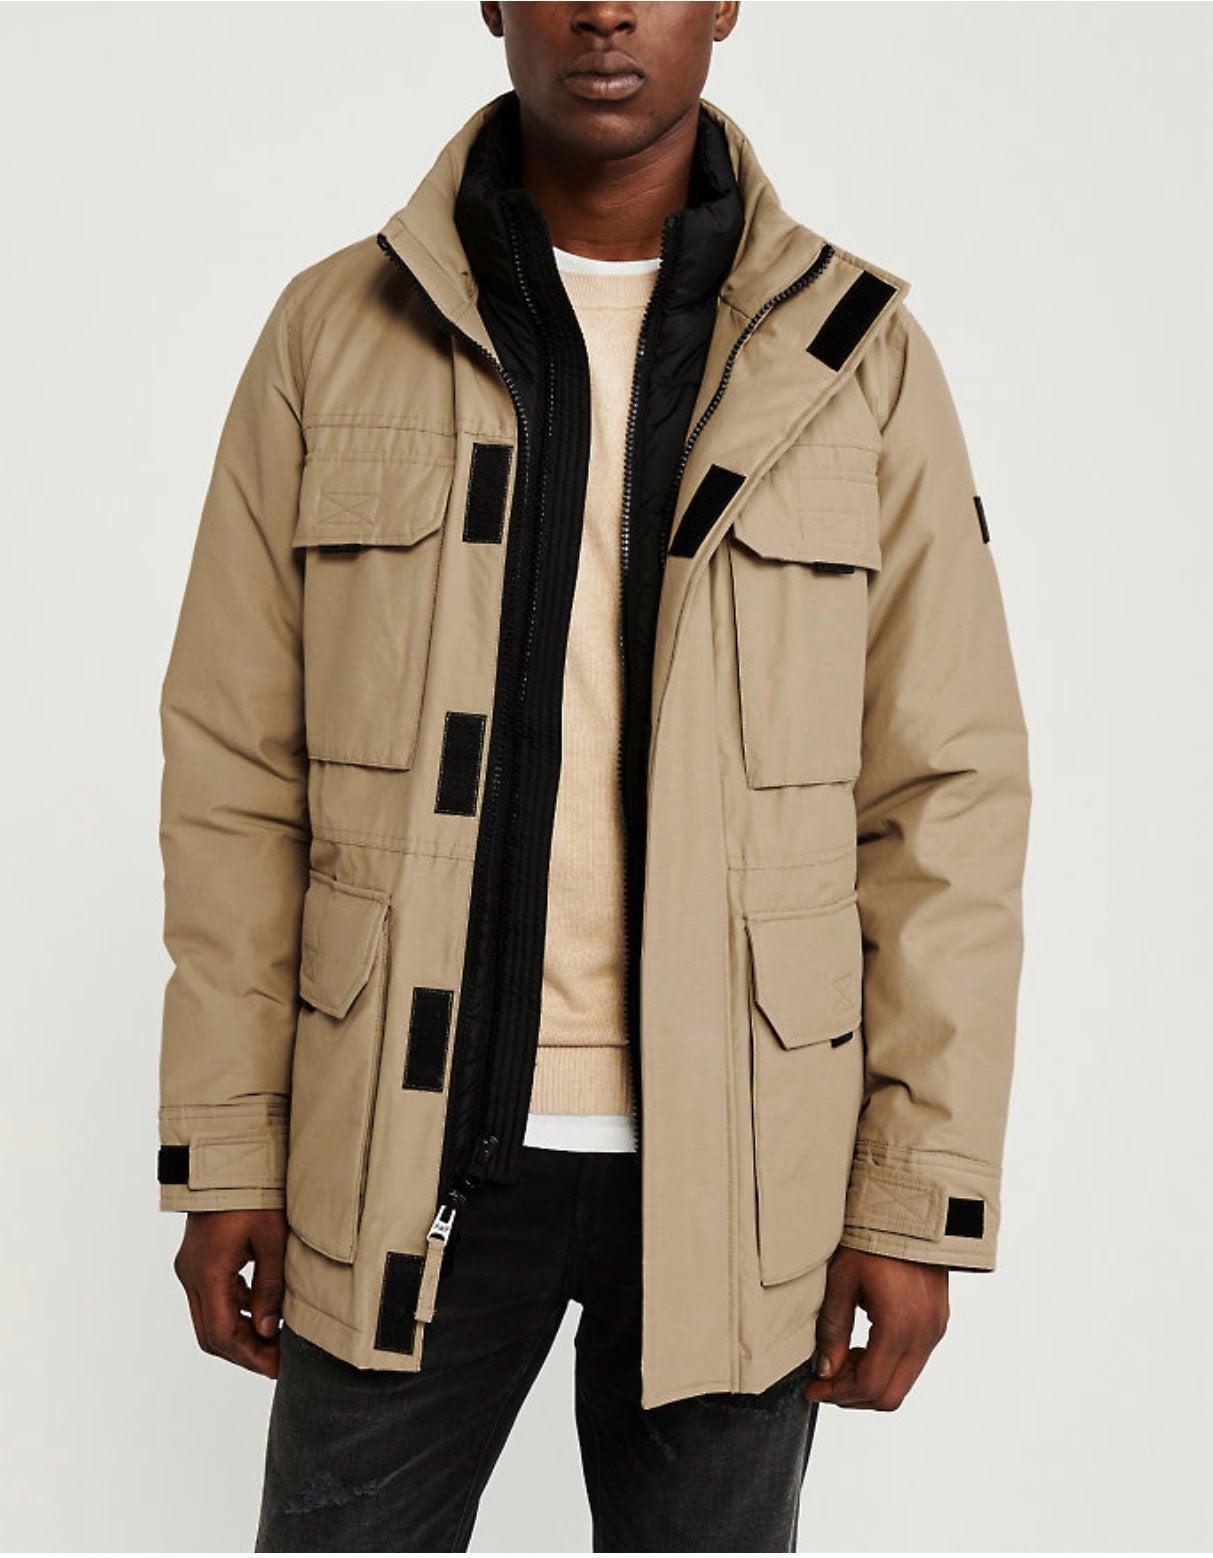 ABERCROMBIE puffer mock jacket